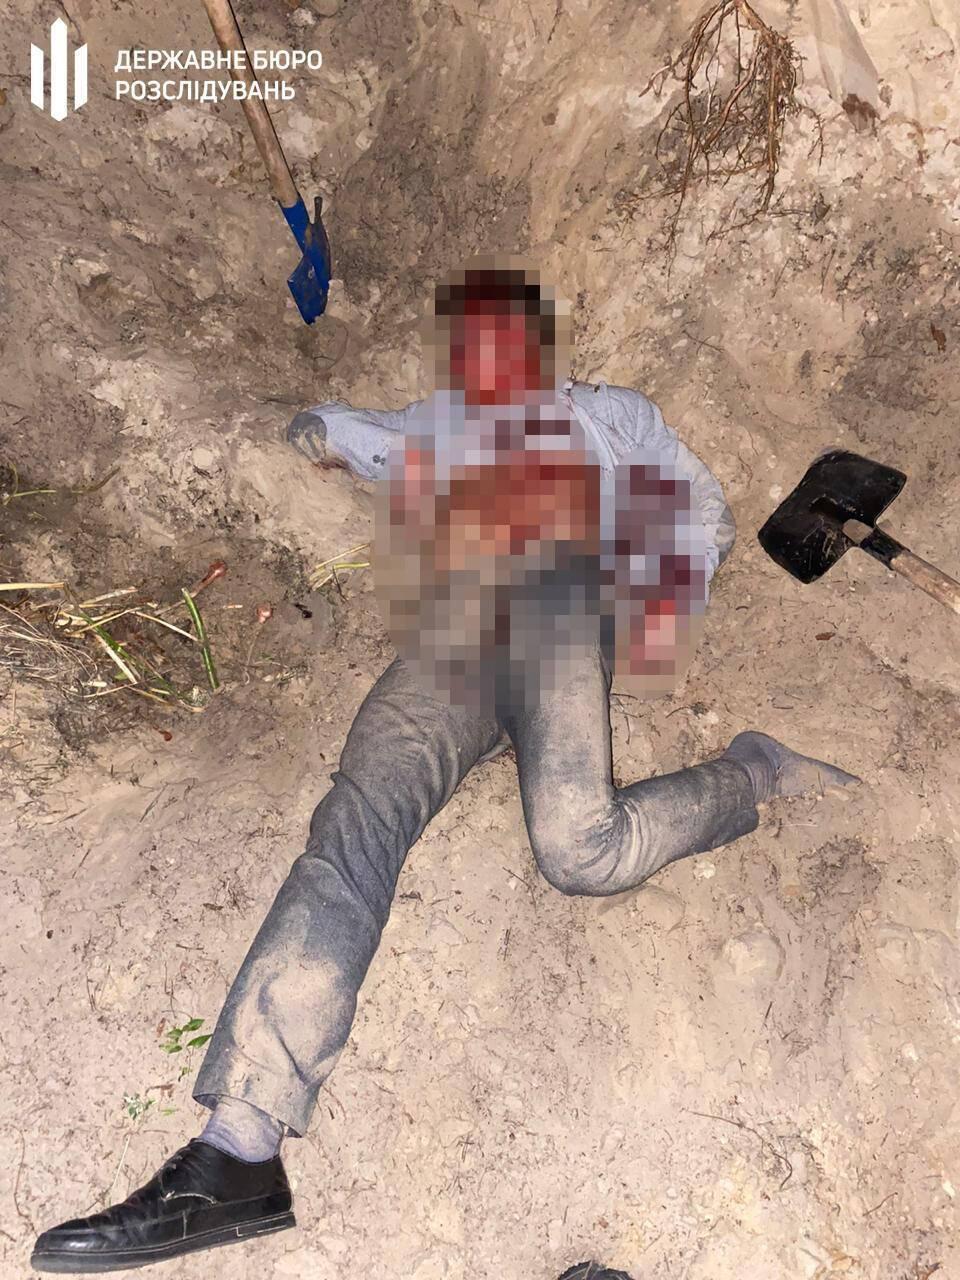 Правоохранители провели имитацию убийств